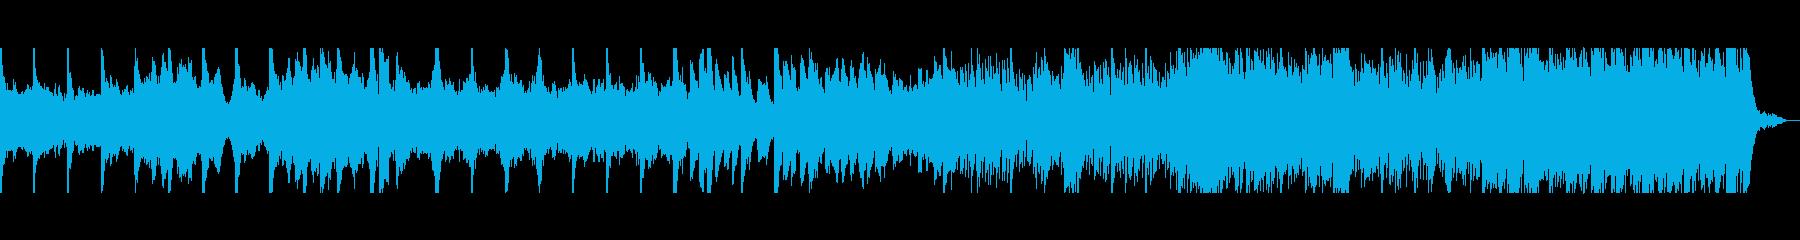 静かに薄闇に佇む脈動~神秘的なピアノ旋律の再生済みの波形